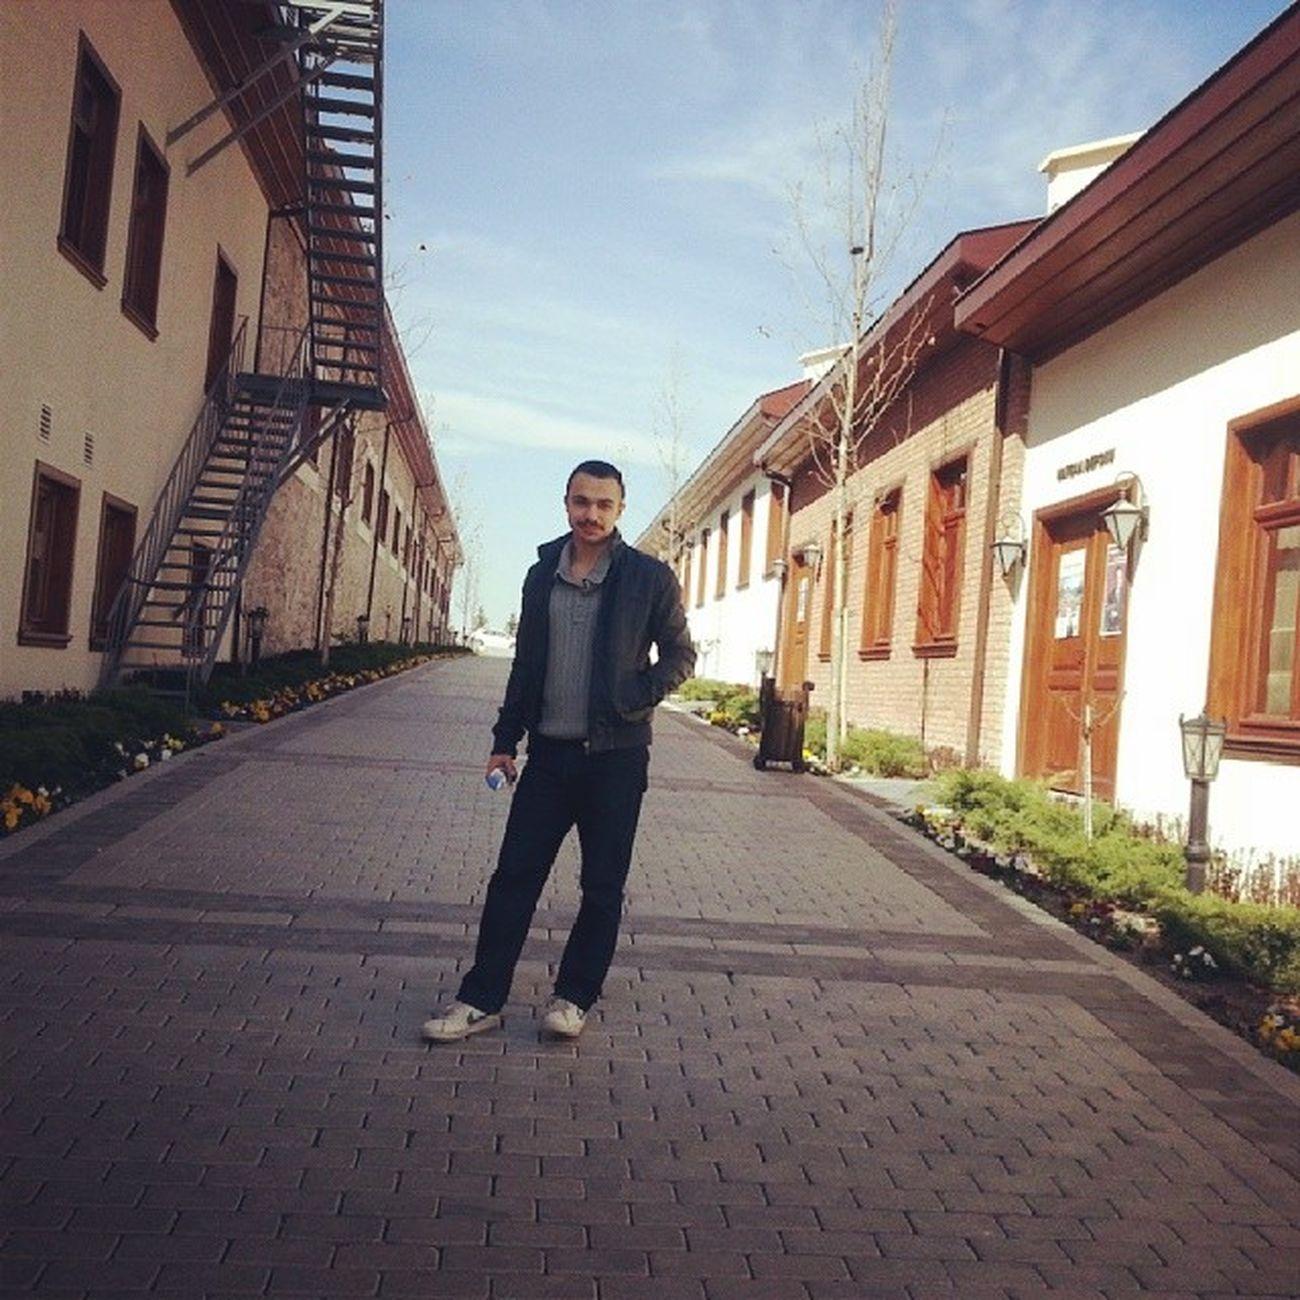 Kültür sanay sokağı :) History Ankara Turkey Alp alper best picture me now new travel dimple sunday funny